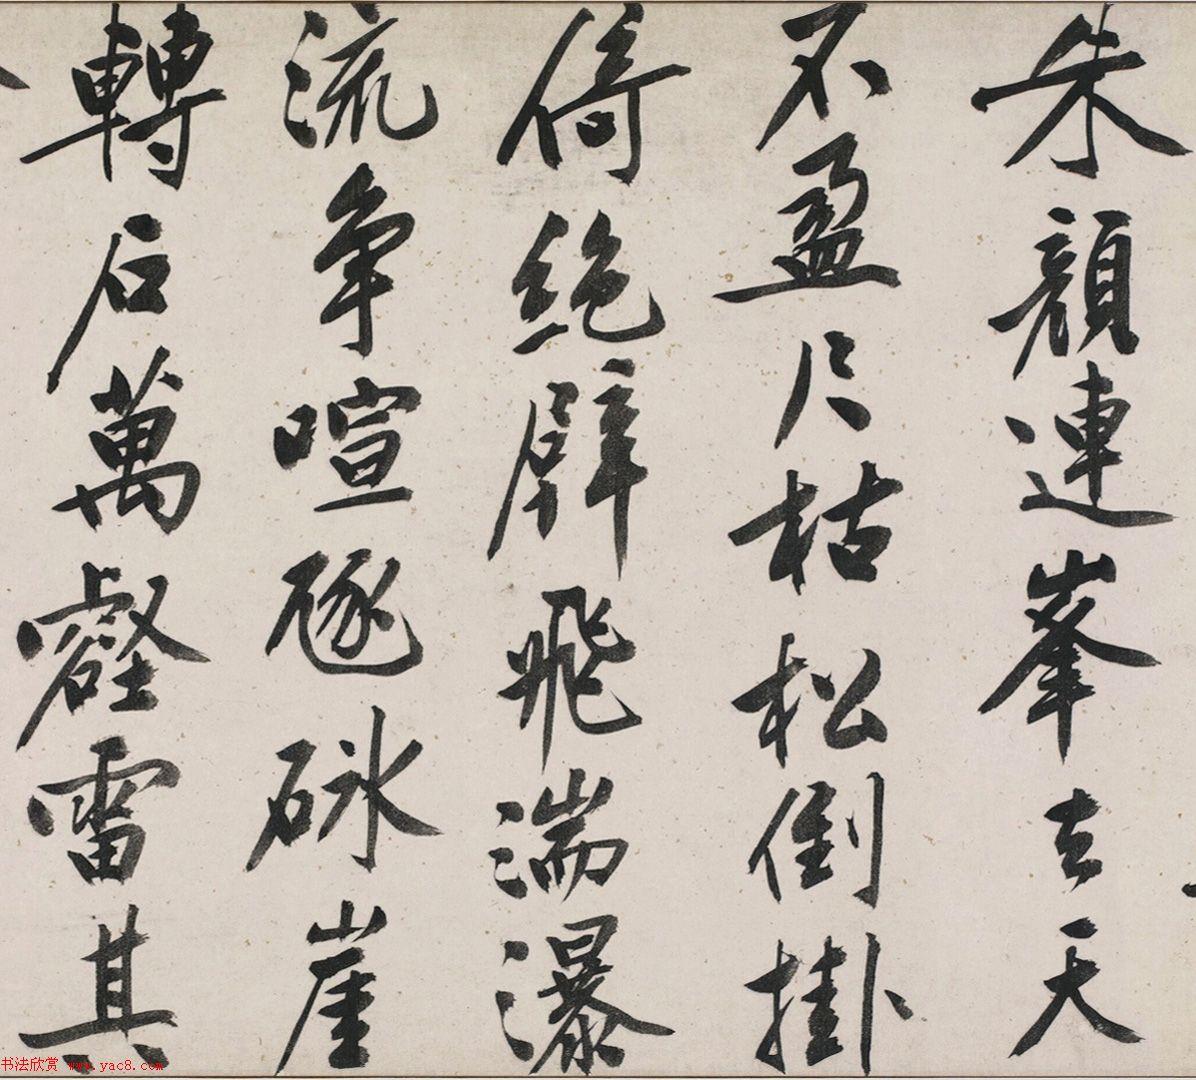 文徵明81岁书法题跋蜀川佳丽图